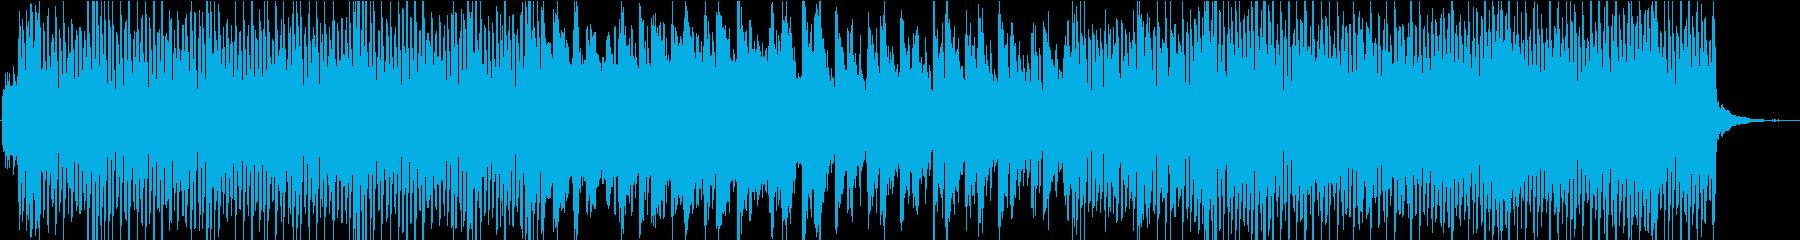 フルートメイン 爽やかでかわいいBGM の再生済みの波形